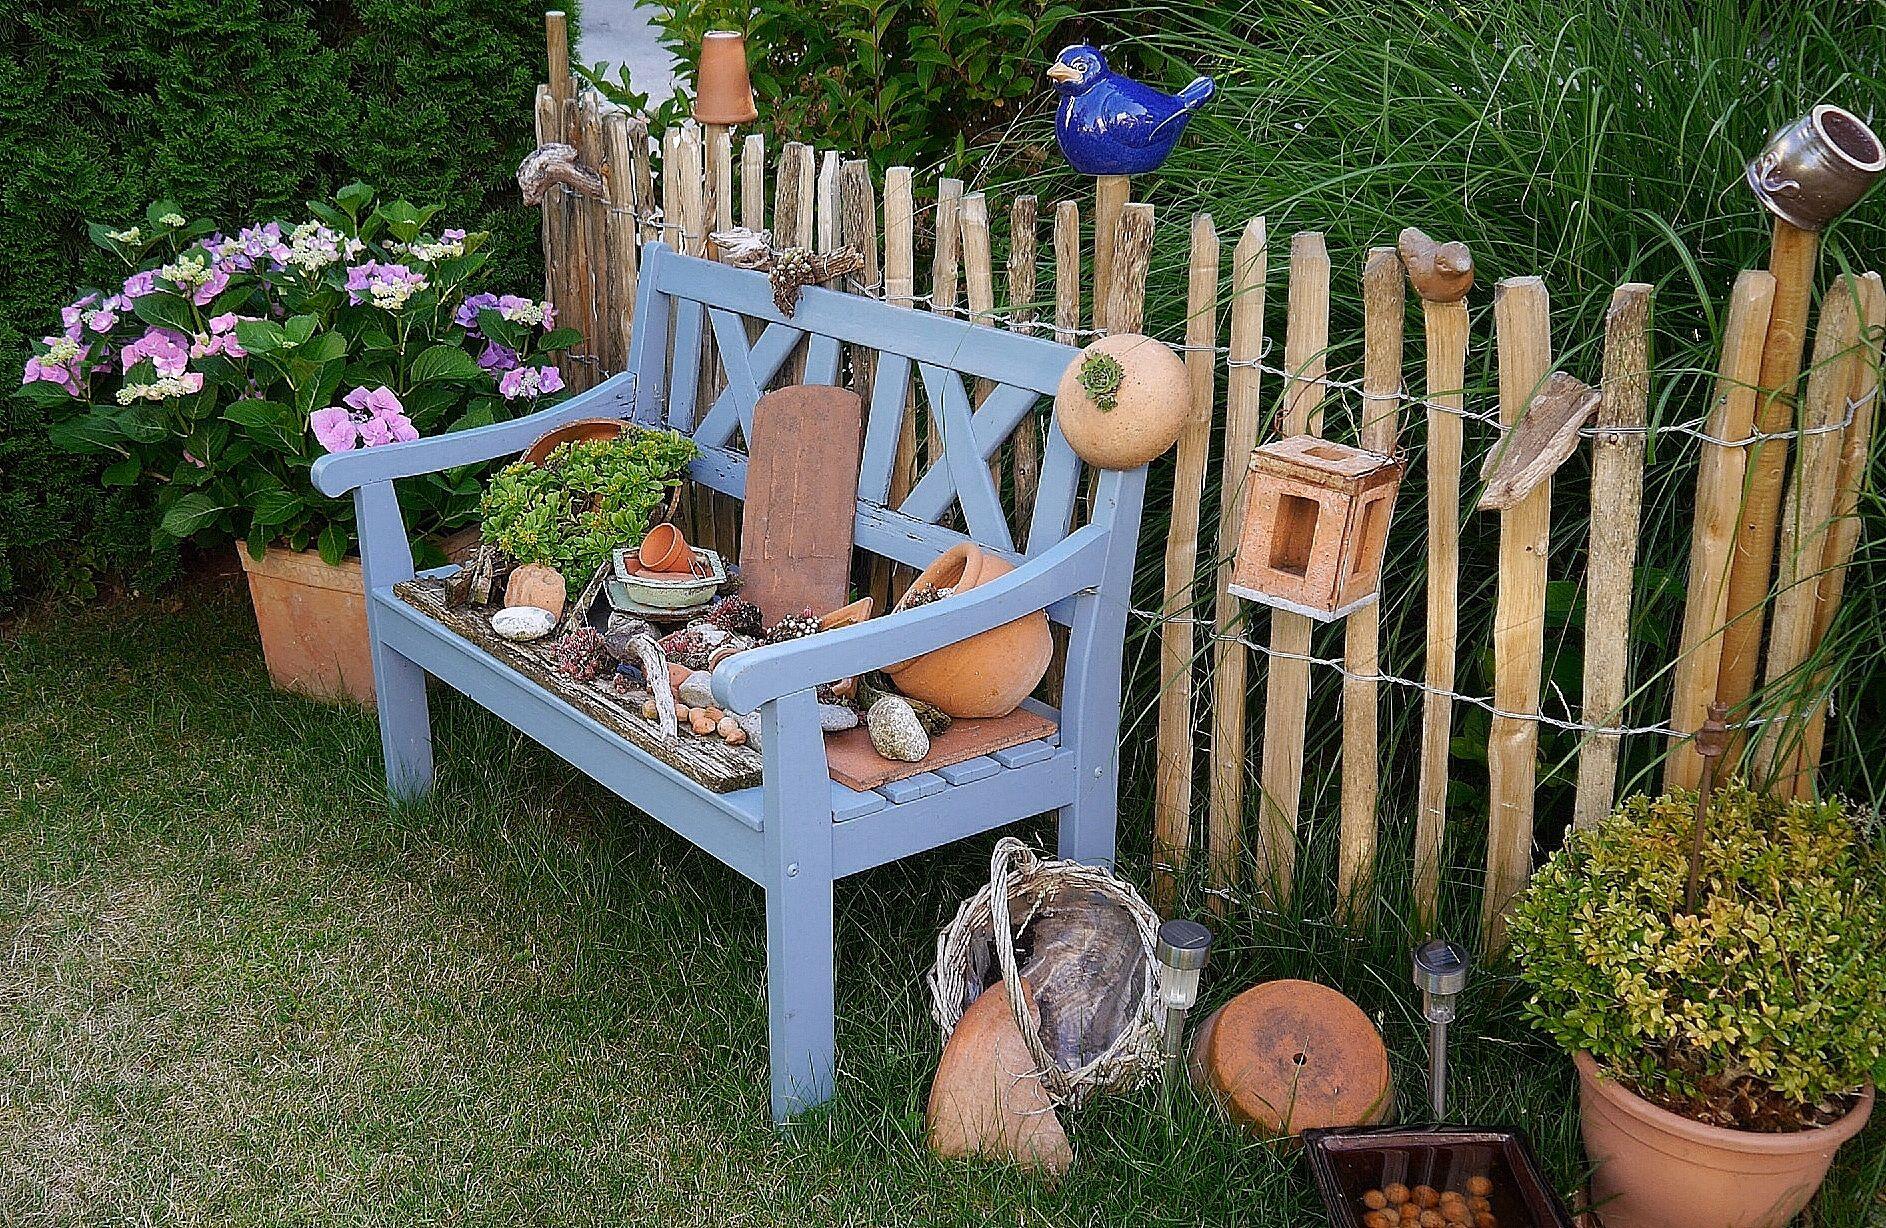 blaue Bank am Staketenzaun Garten Pinterest